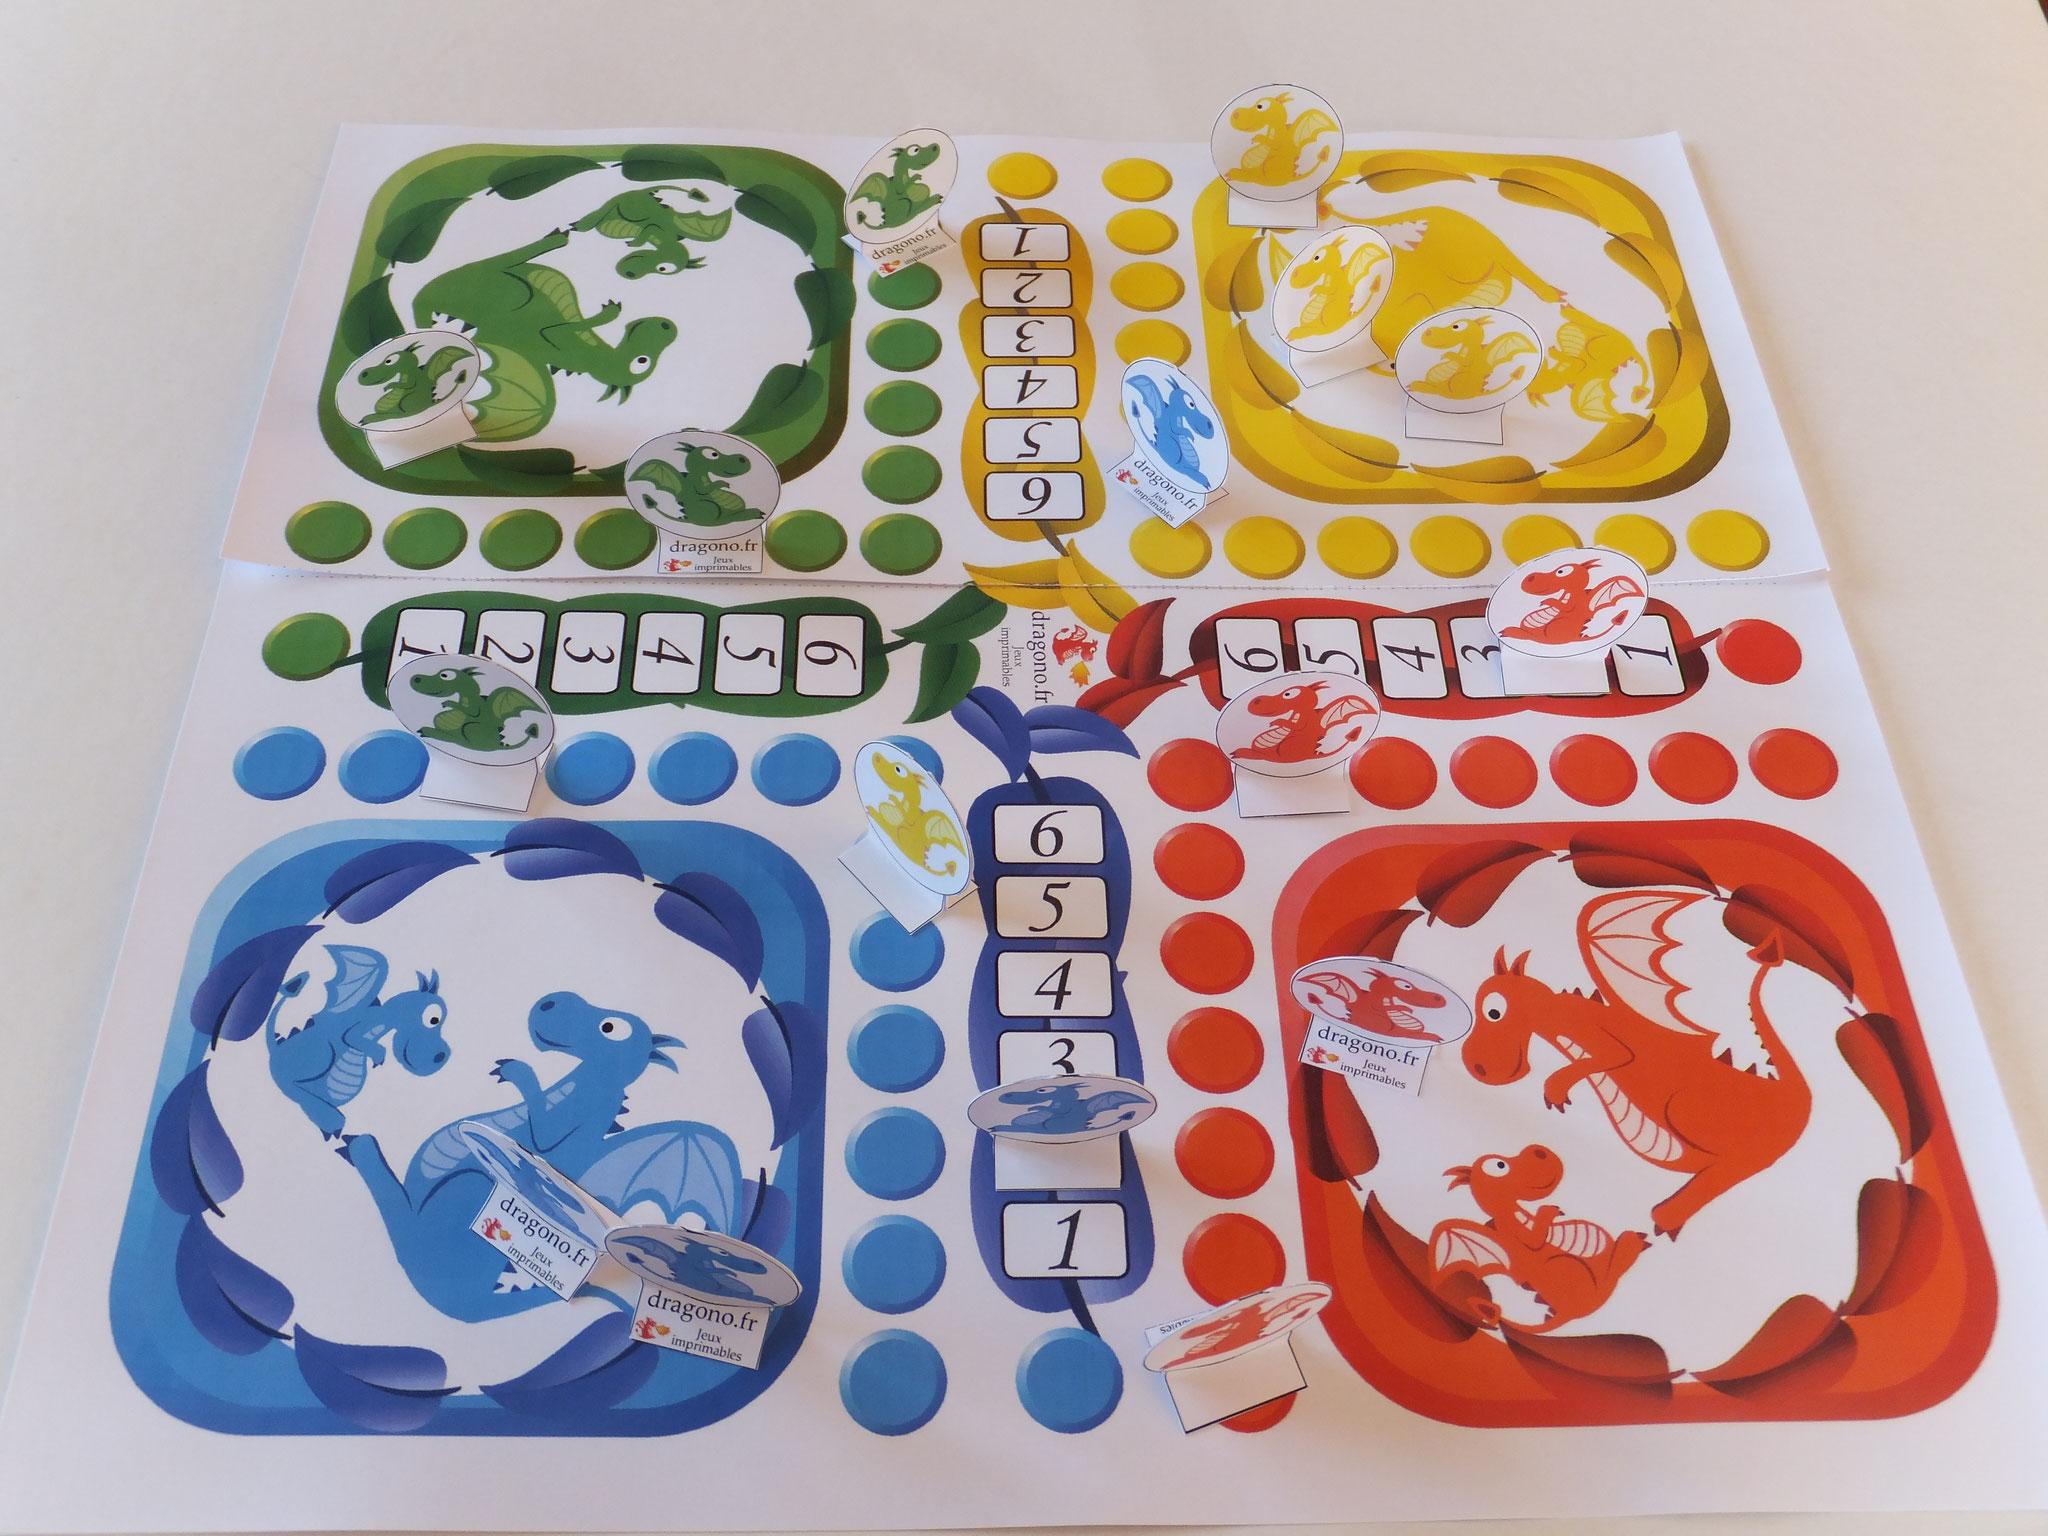 Jeux A Imprimer Pour Enfants, Famille, Ludiques, Éducatifs concernant Jeux Educatif Pour Tout Petit Gratuit